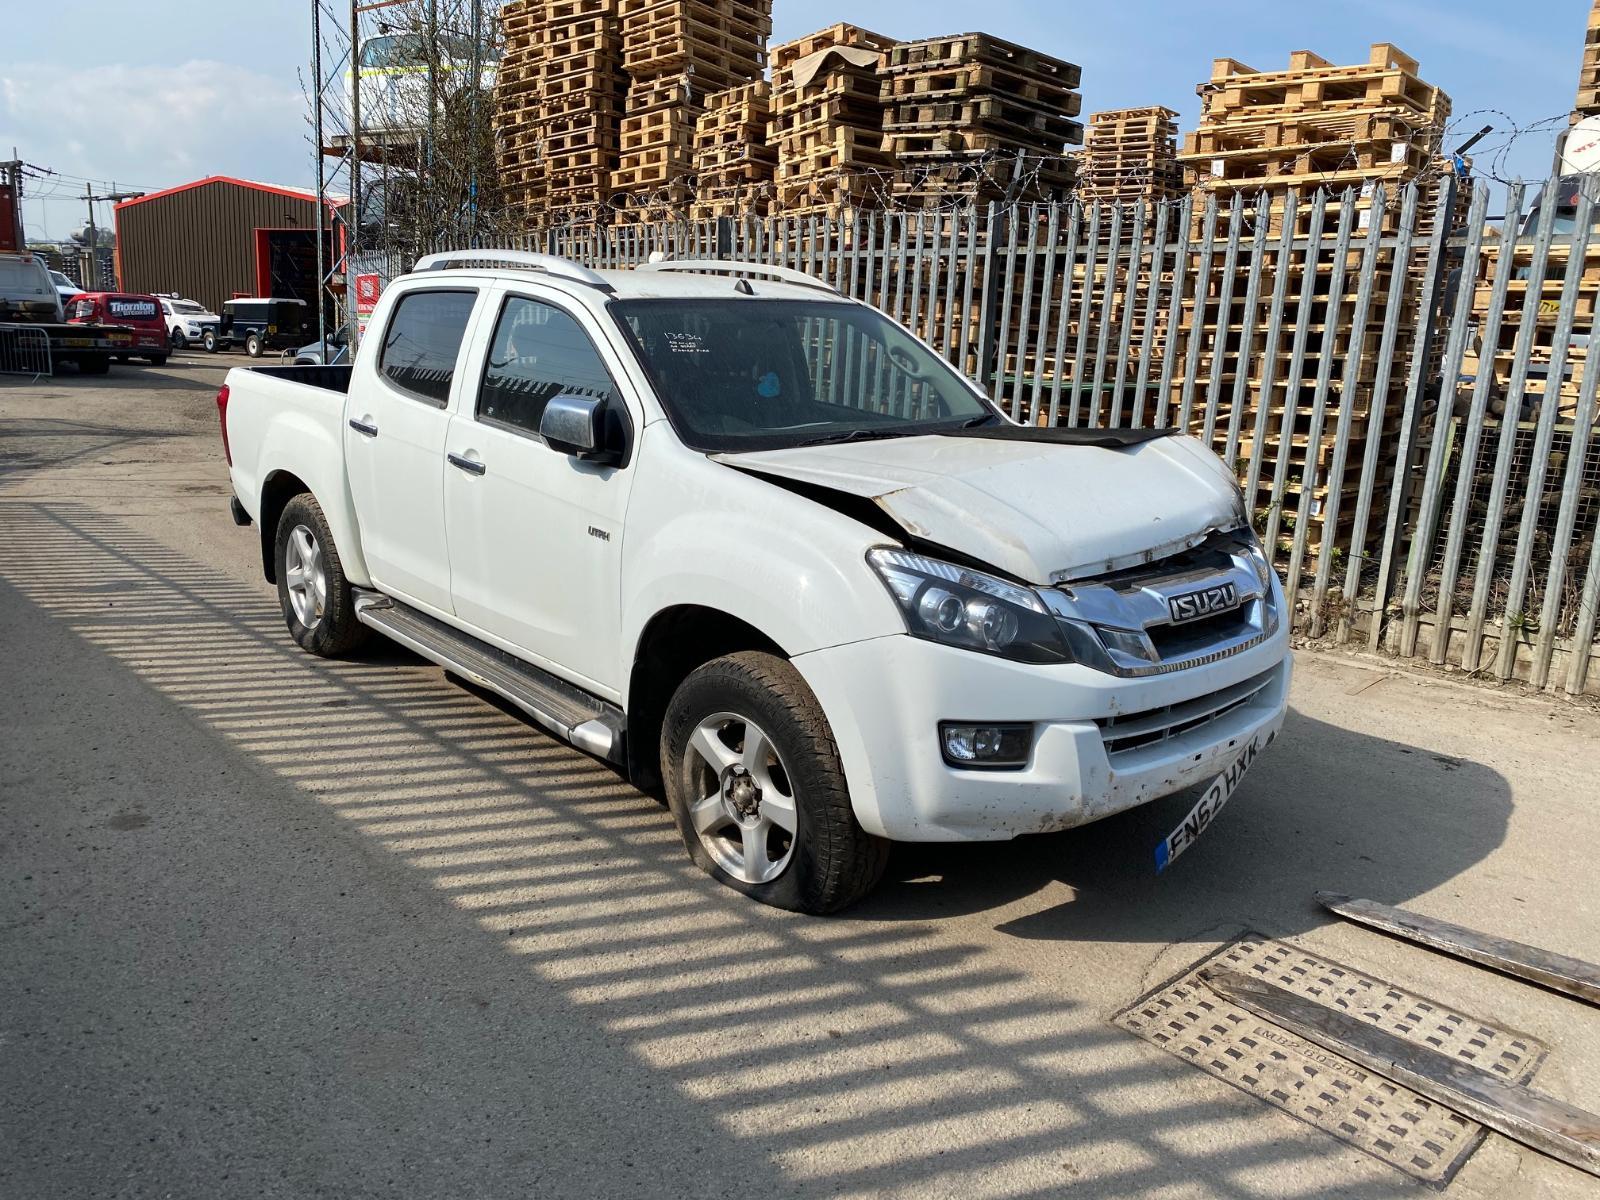 Image for a ISUZU D-MAX 2012 4 Door Pickup